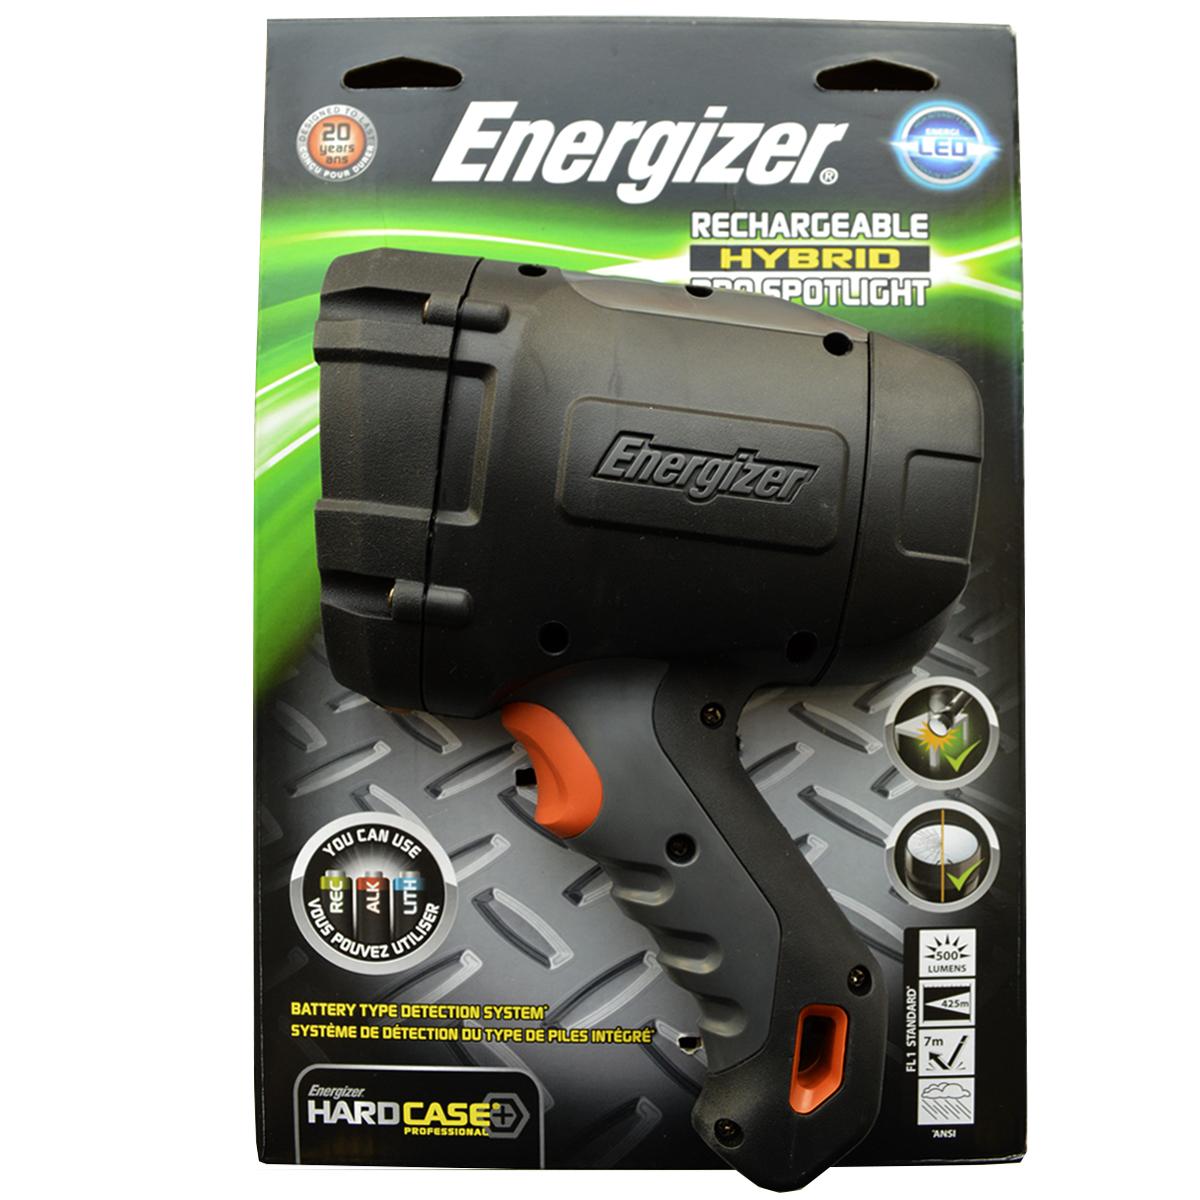 Фонарь ручной Energizer HardCasePro Rech. 6396194606400030652Очень удобно – работает от аккумуляторных, щелочных и литиевых батареекИнновационная уникальная система распознавания батареекСветодиод CreeАвтомобильное зарядное устройство в комплектеЧрезвычайно длительный срок службы – рассчитан на 15 летРаботает от 4 аккумуляторных батареек типоразмера AA (в комплекте)